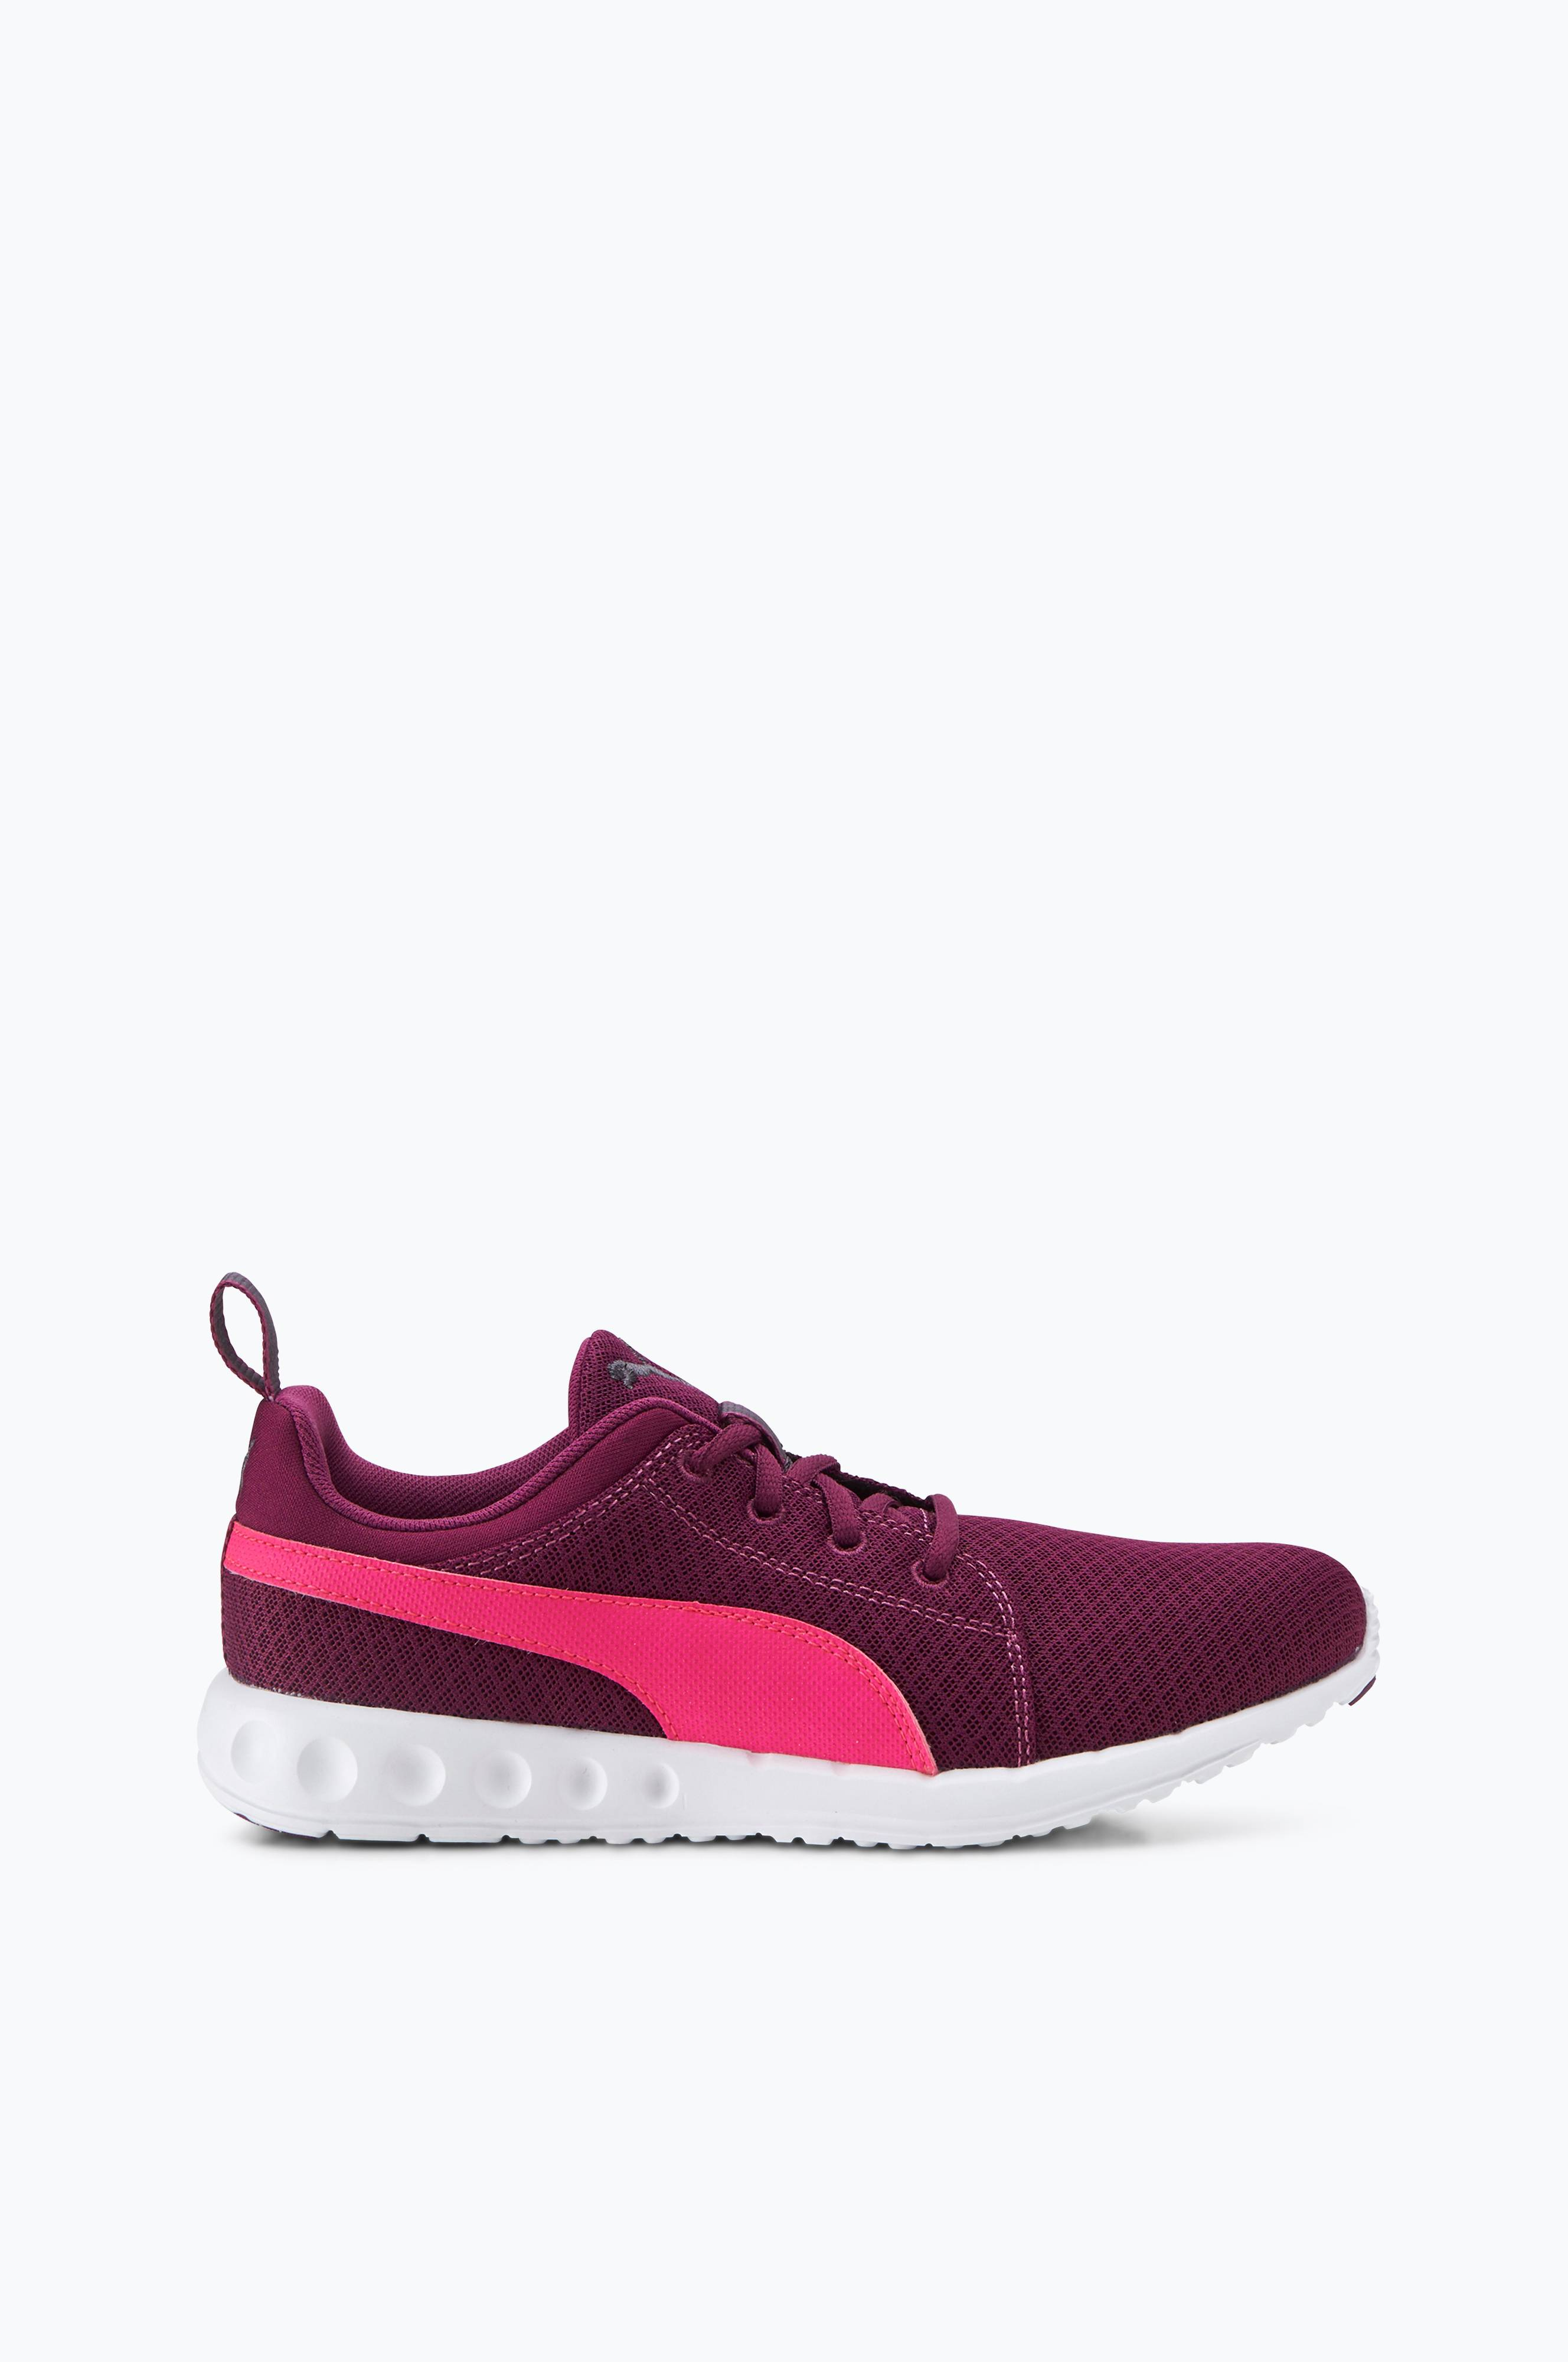 Puma Sneakers Carson Mesh Lilla Dame Ellos.no